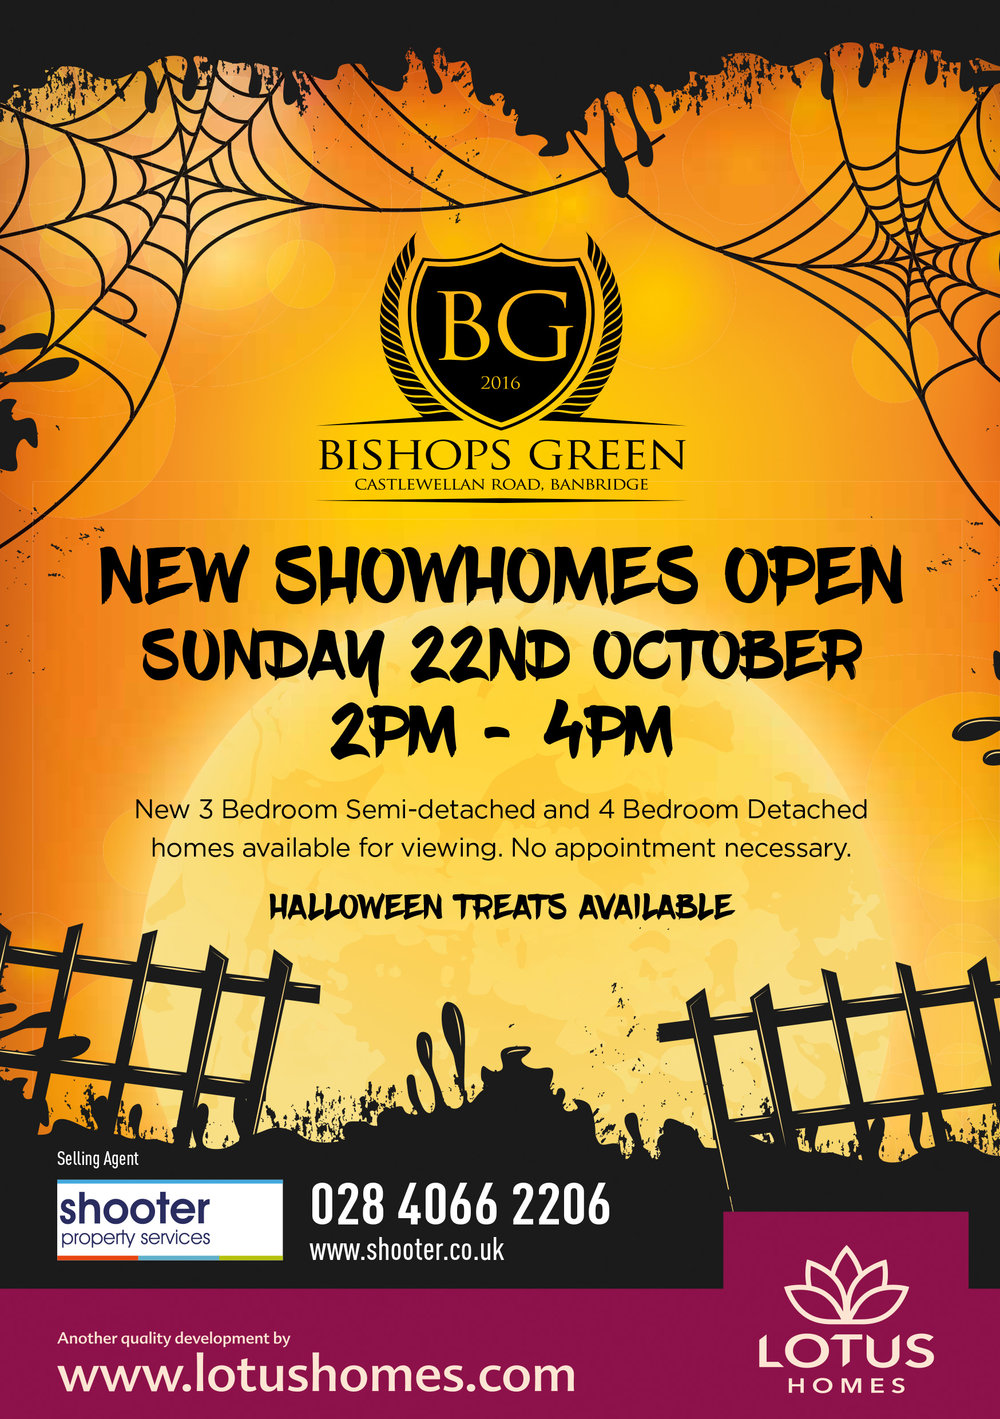 BG-A5-New-Showhouses-Open.jpg